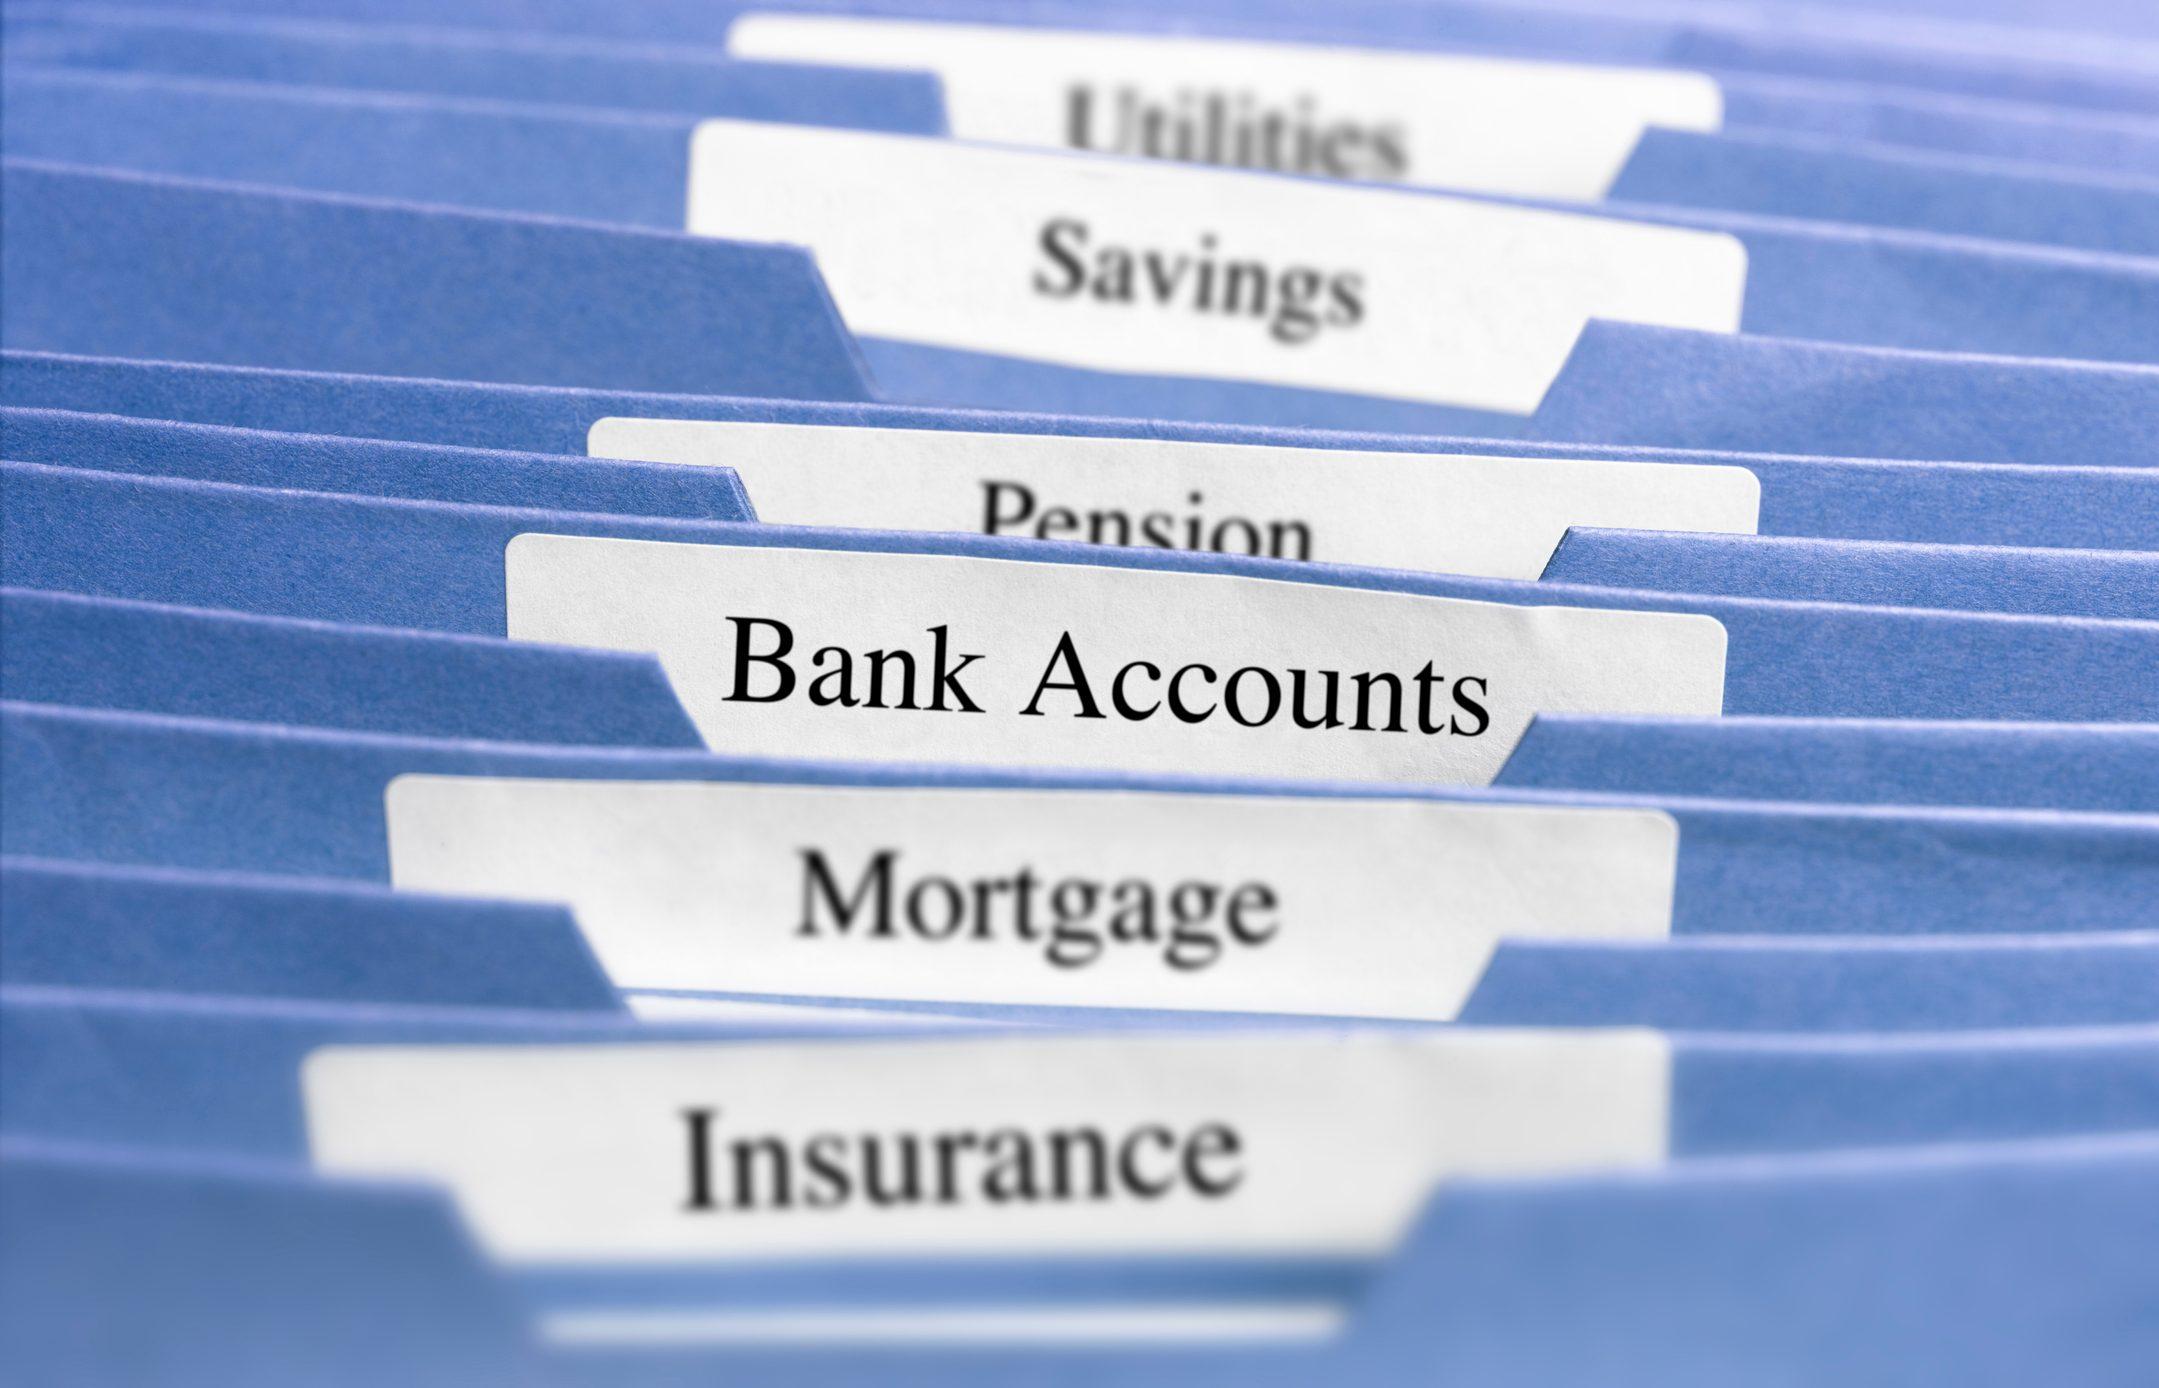 Hanging files/bank accounts